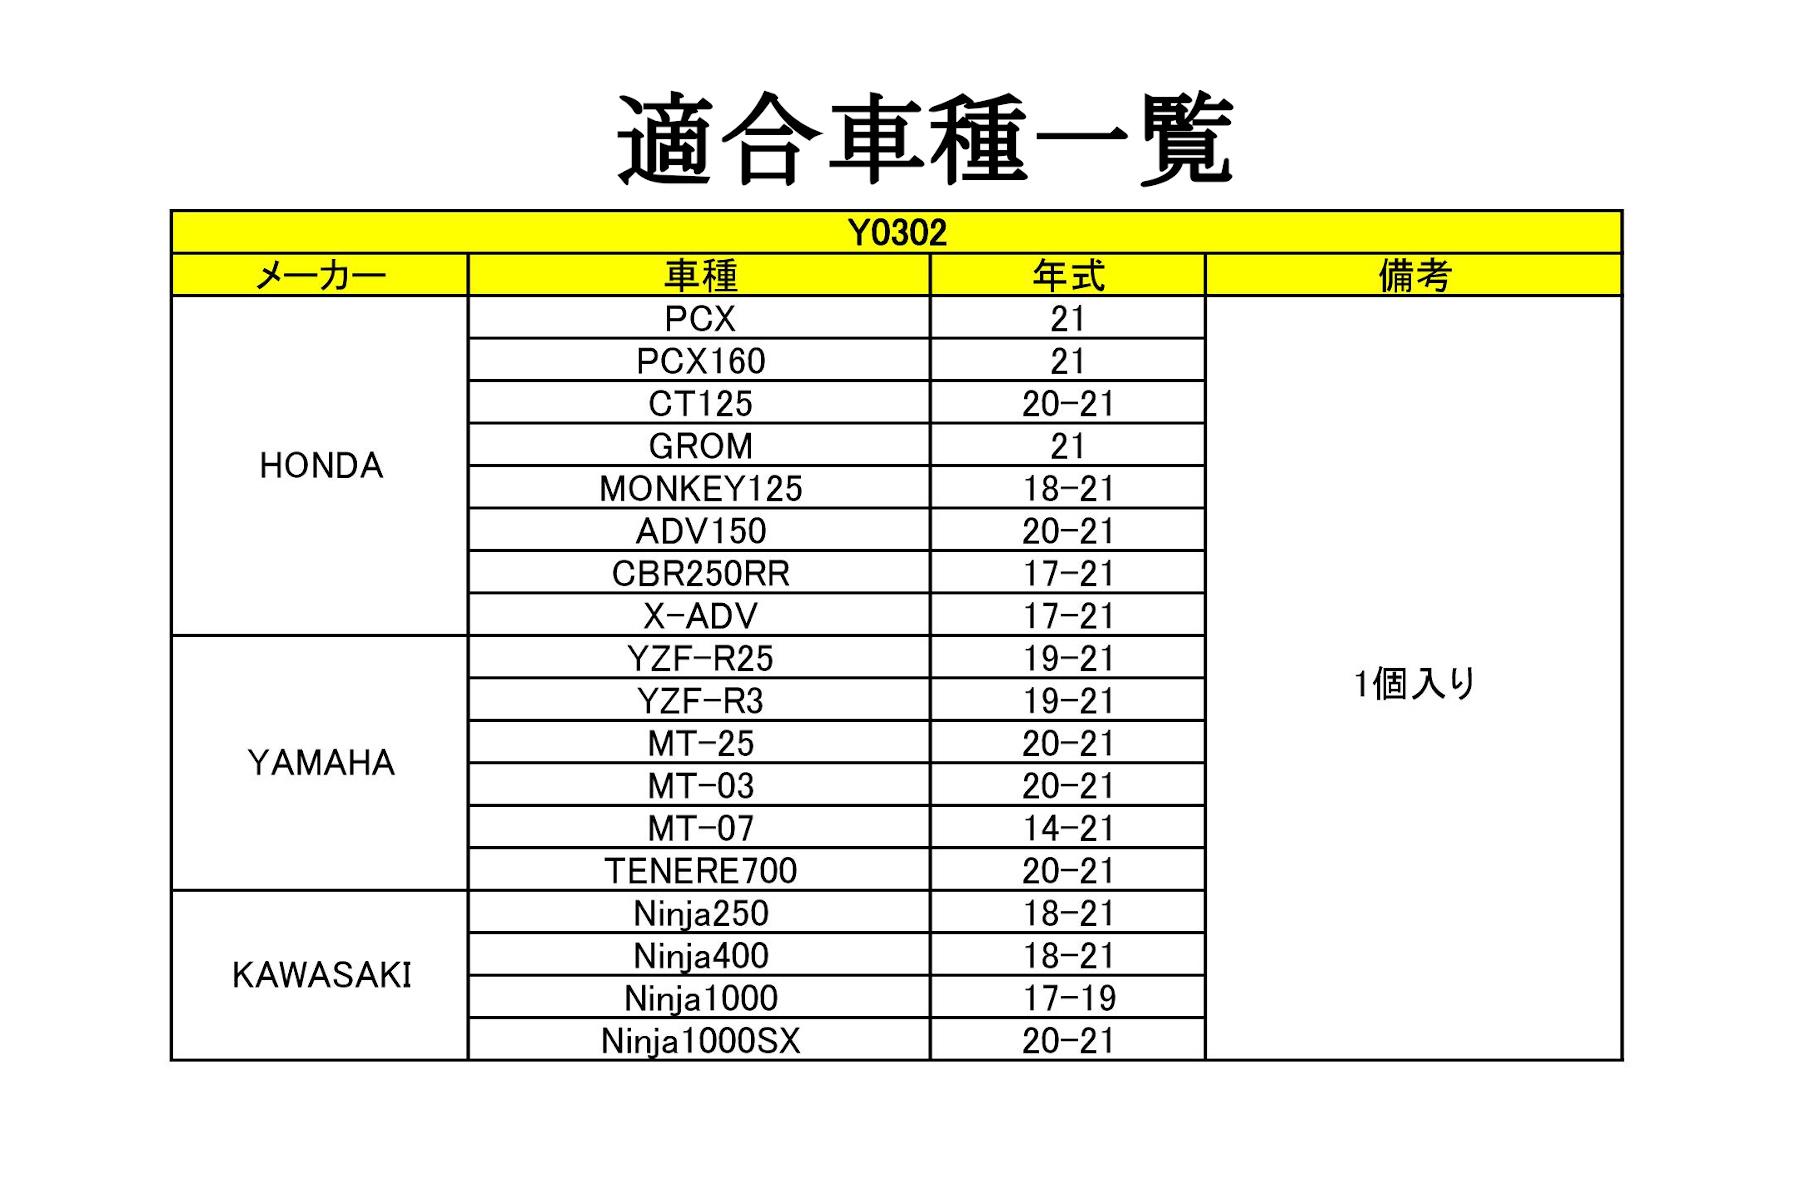 バイカーズ マスターシリンダークランプ 1ケ PUR CT125- 20-21 MT-07 14-21 YZF-R25 19-21 CBR250RR 17-21